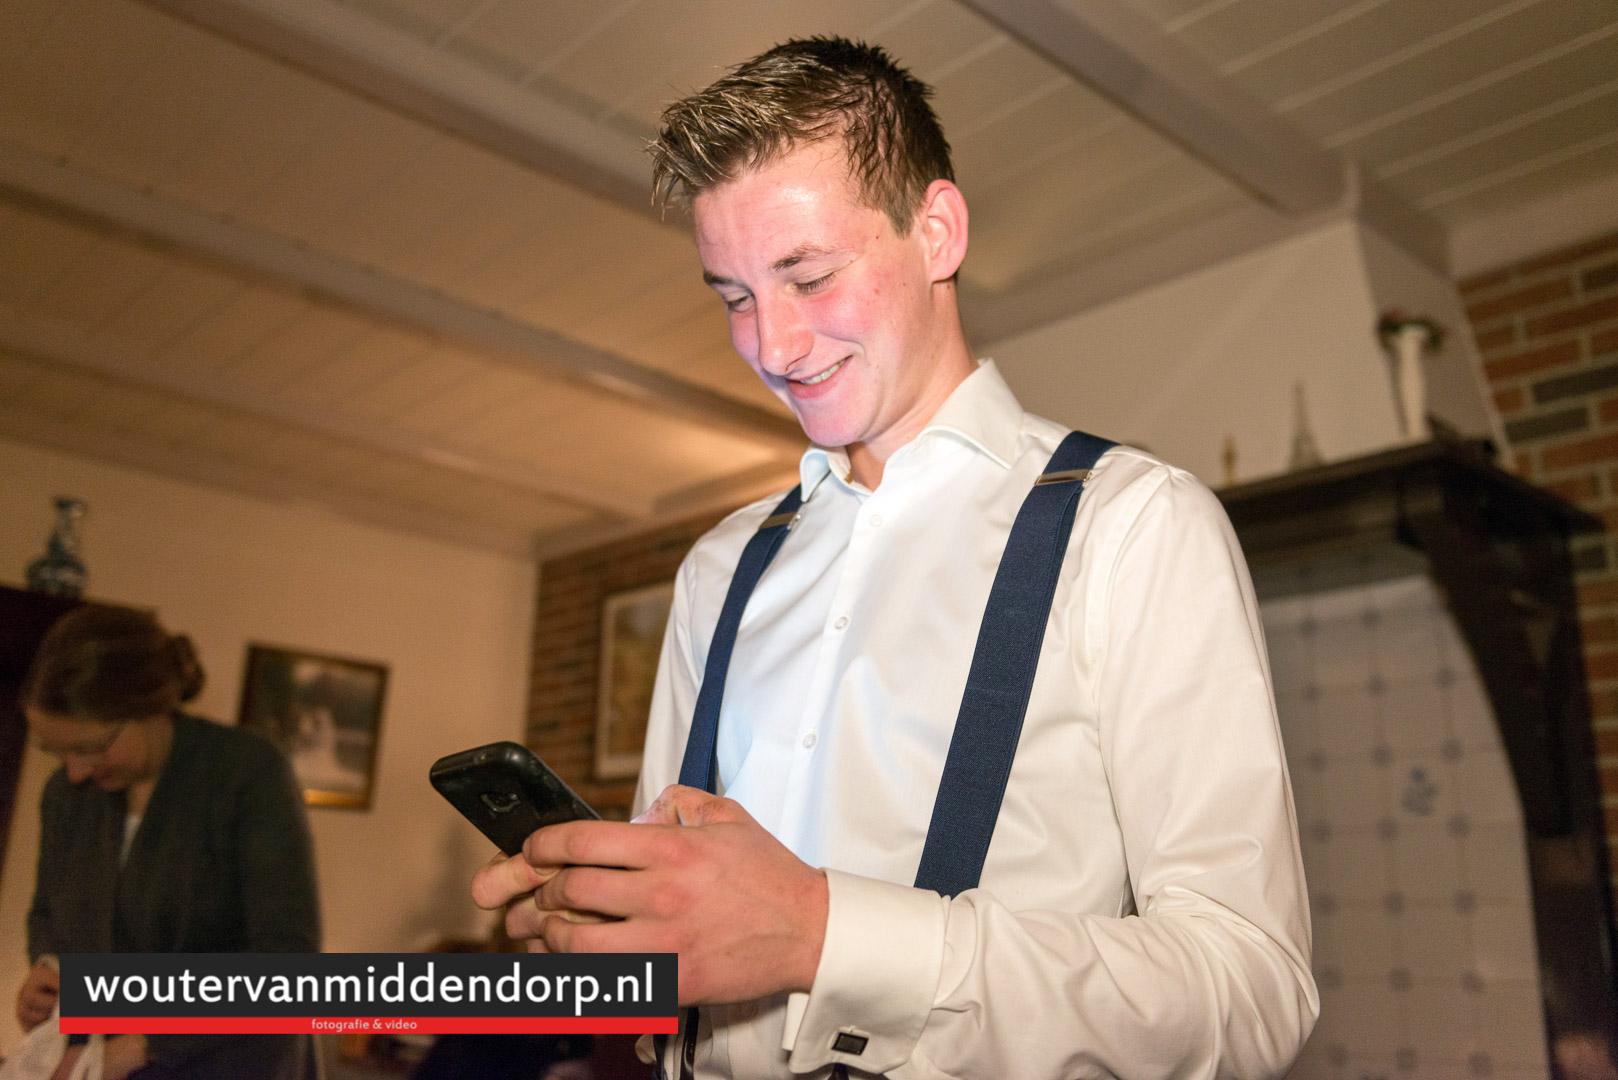 foto Wouter van Middendorp Uddel, Veluwe, Gelderland, trouwfotograaf (1)